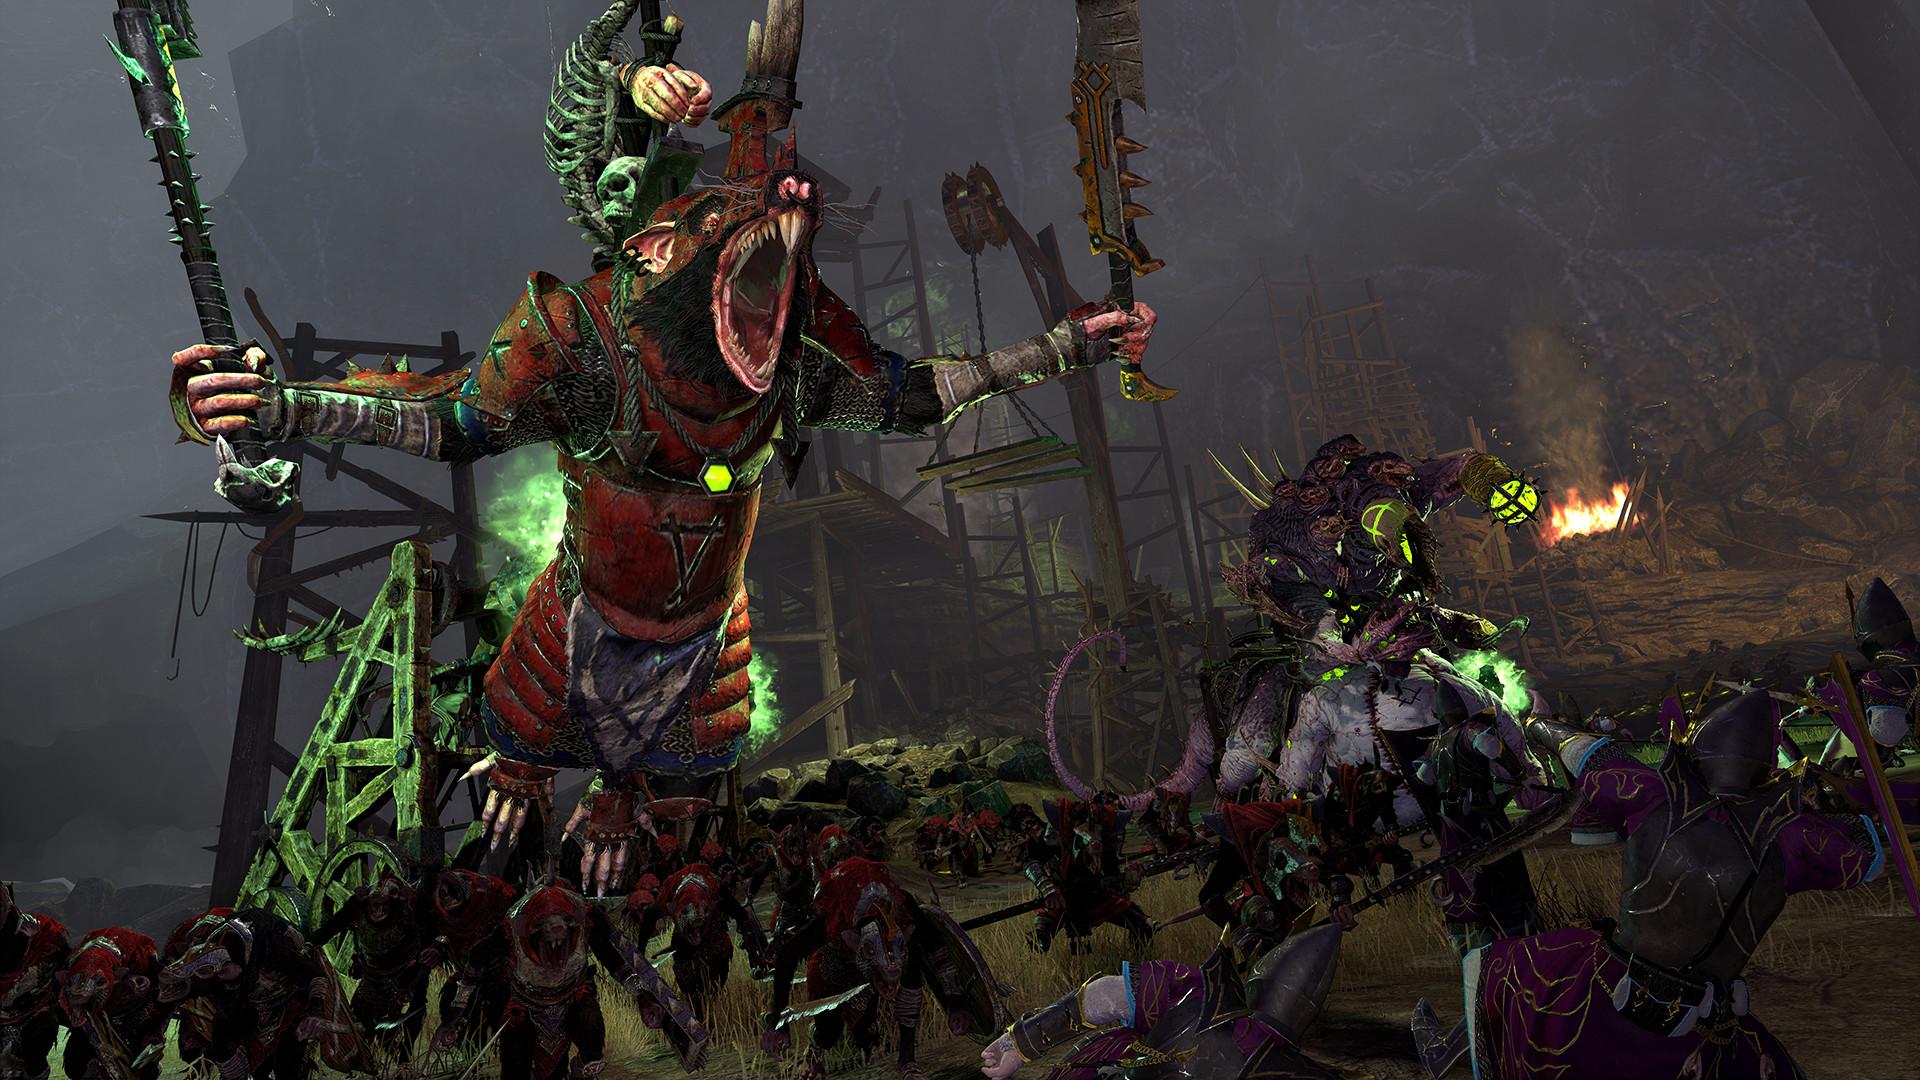 全面战争:战锤2吸血鬼海岸的诅咒(Total War: WARHAMMER 2)免安装中文绿色版|DLC|升级档|网盘下载